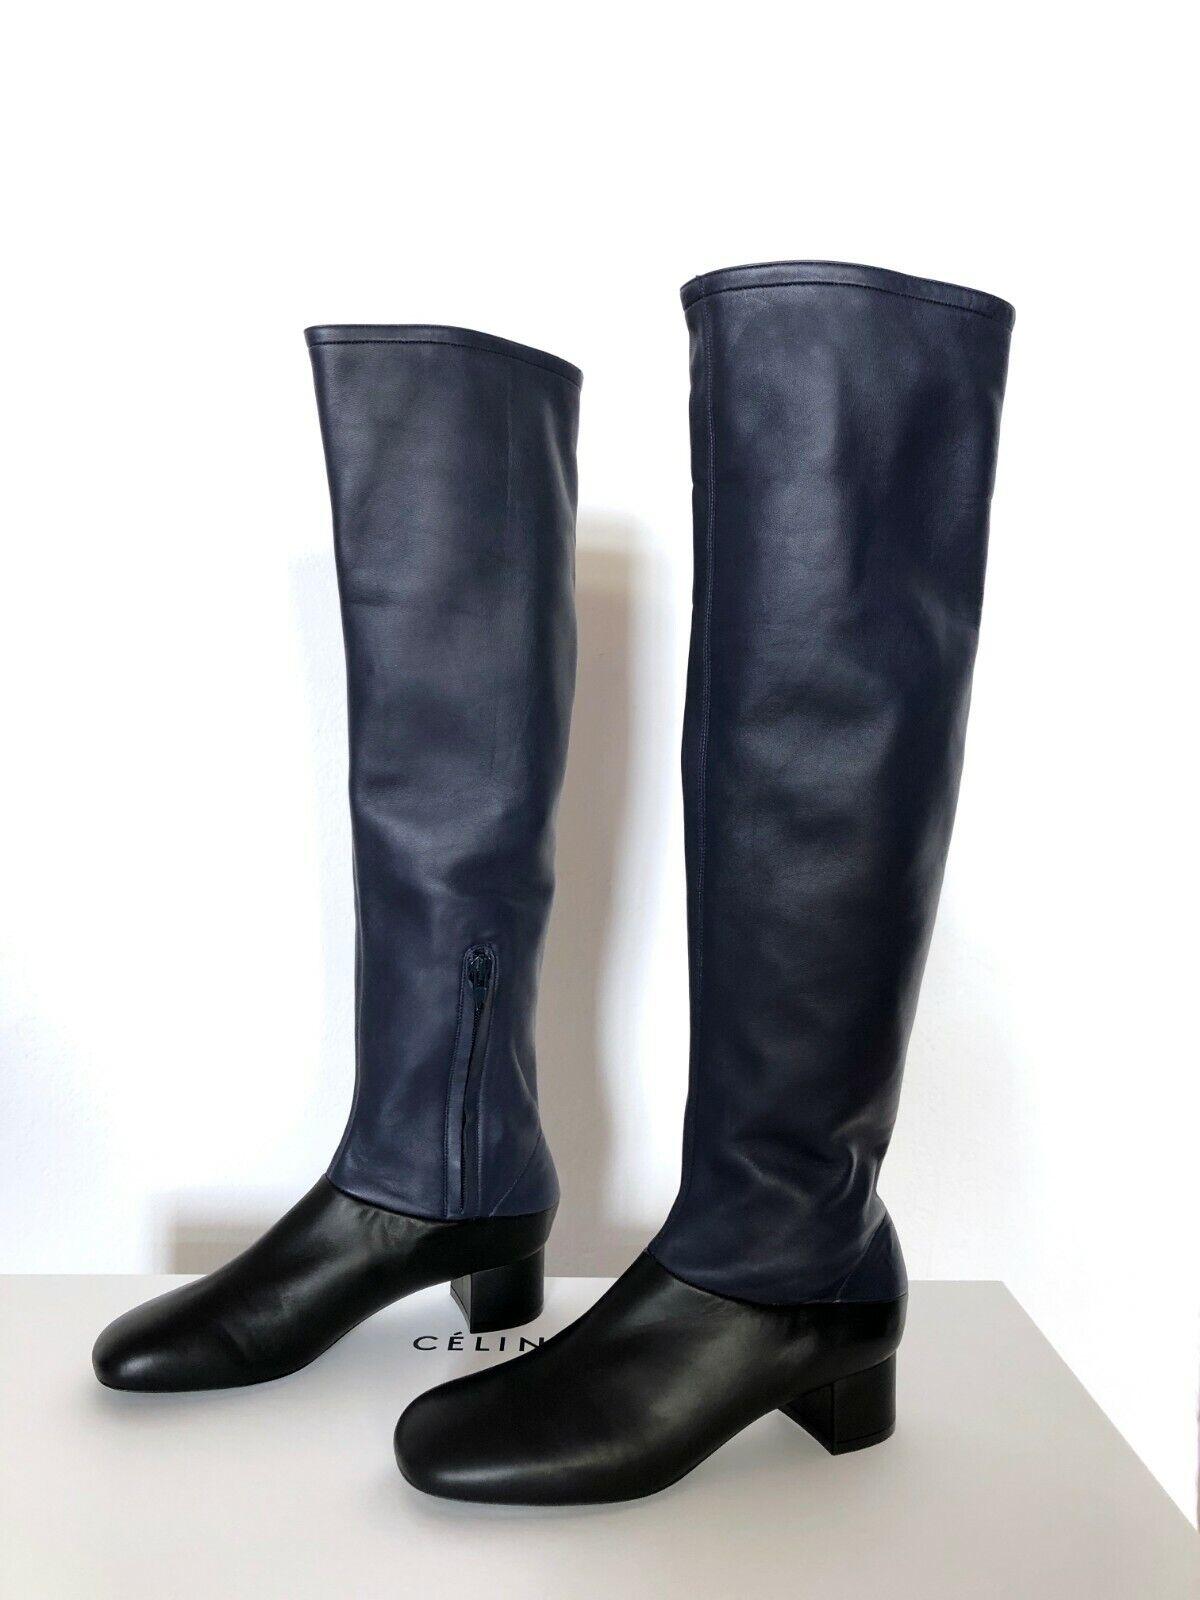 Céline Two Tone Leather Stiefel sz37 NEW